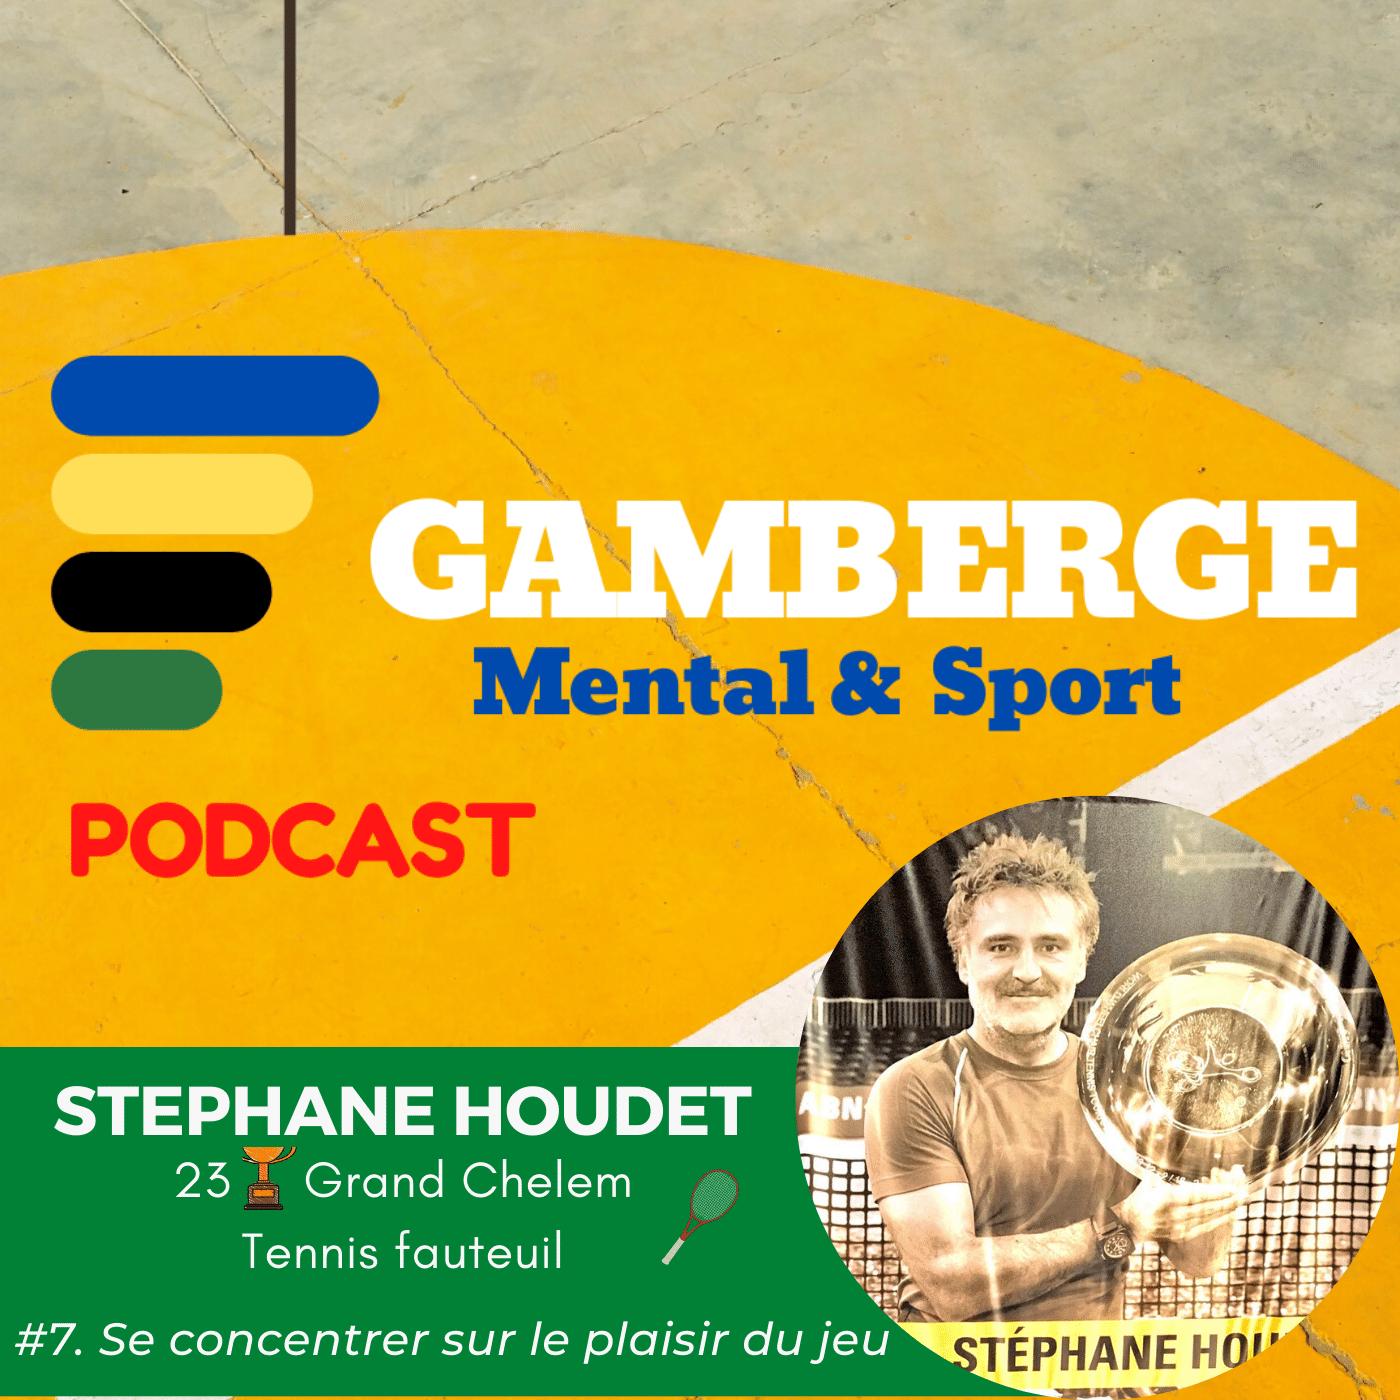 #7. Stephane Houdet: Se concentrer sur le plaisir du jeu